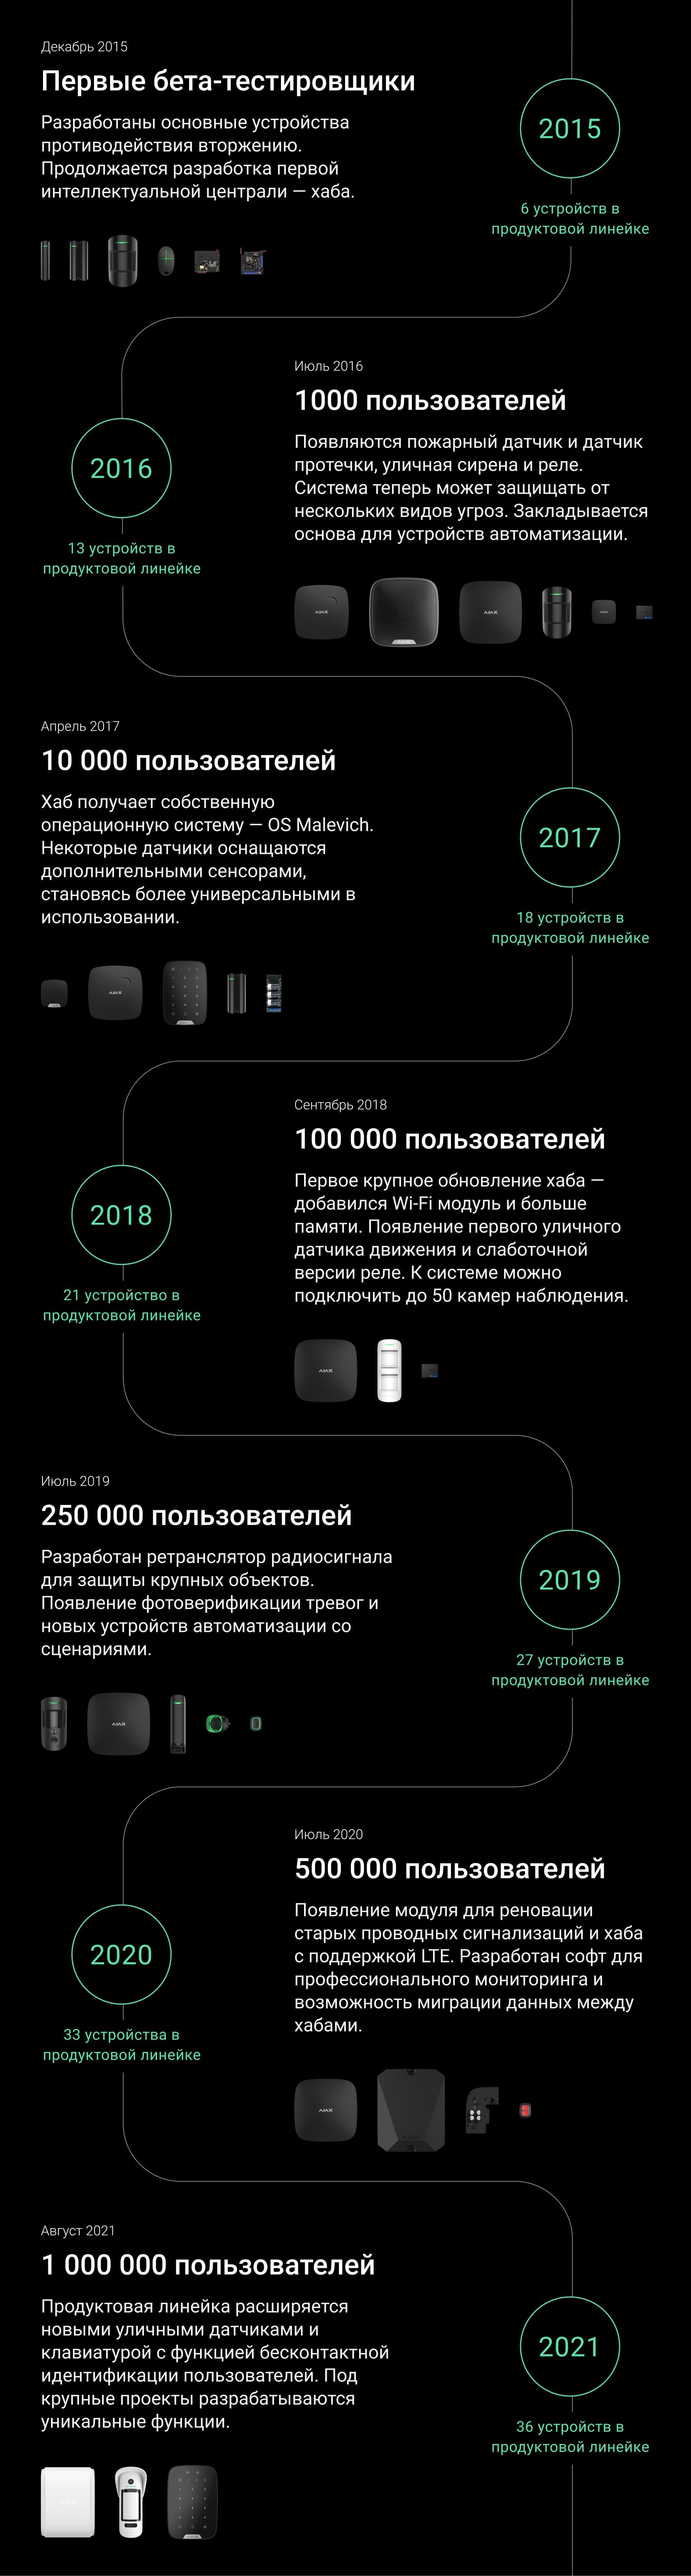 ajax миллион пользователей